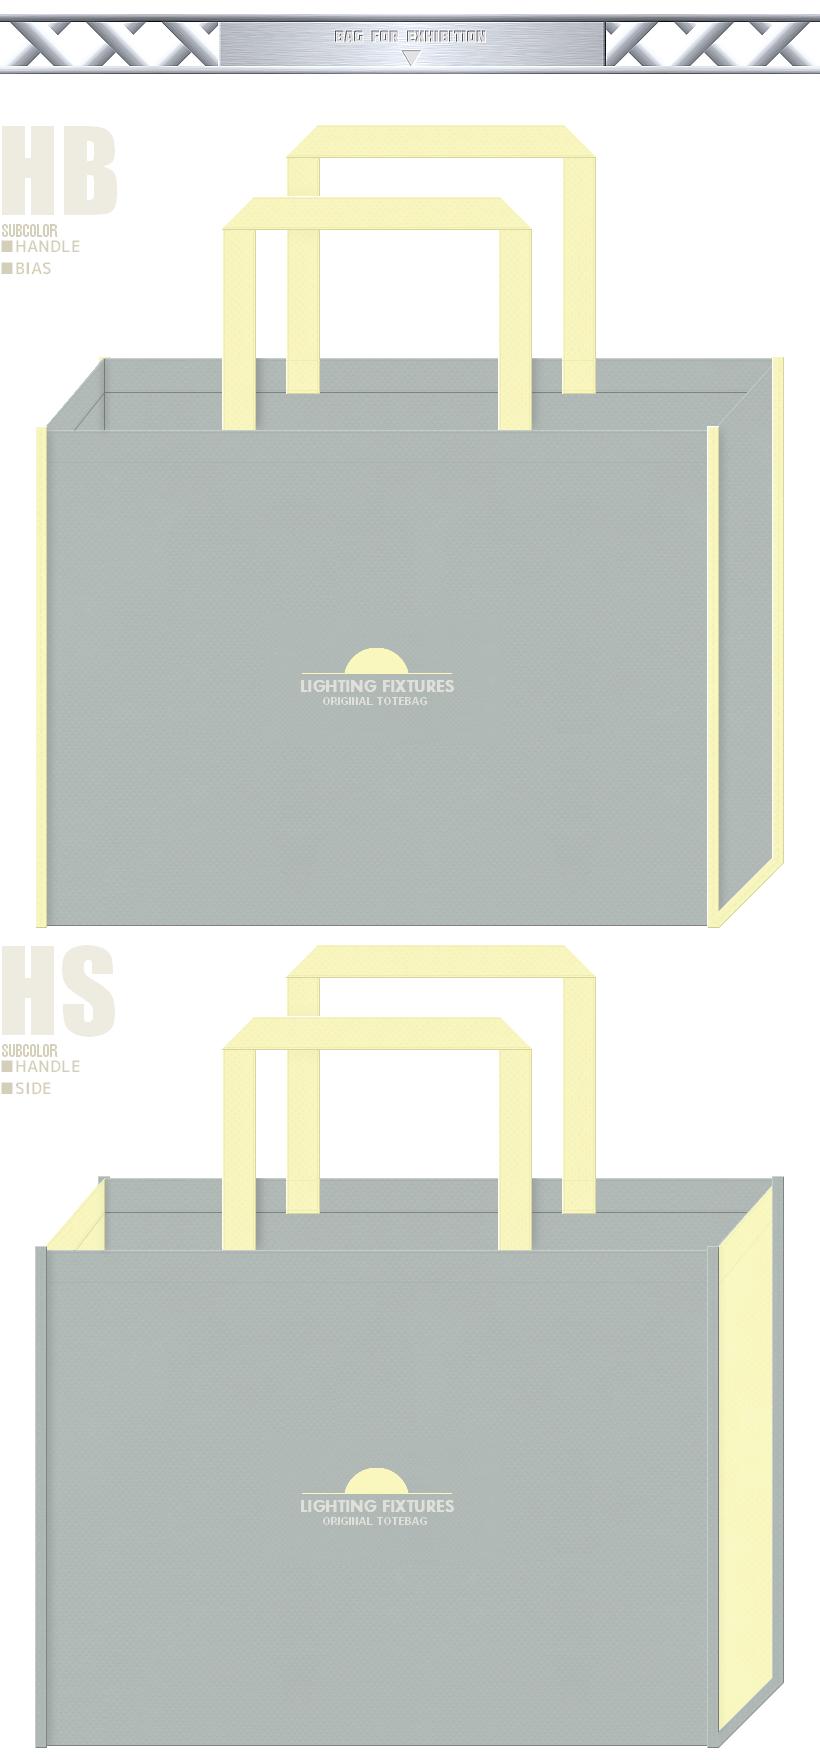 グレー色と薄黄色の不織布バッグデザイン:ペンダントライト・照明器具の展示会用バッグ